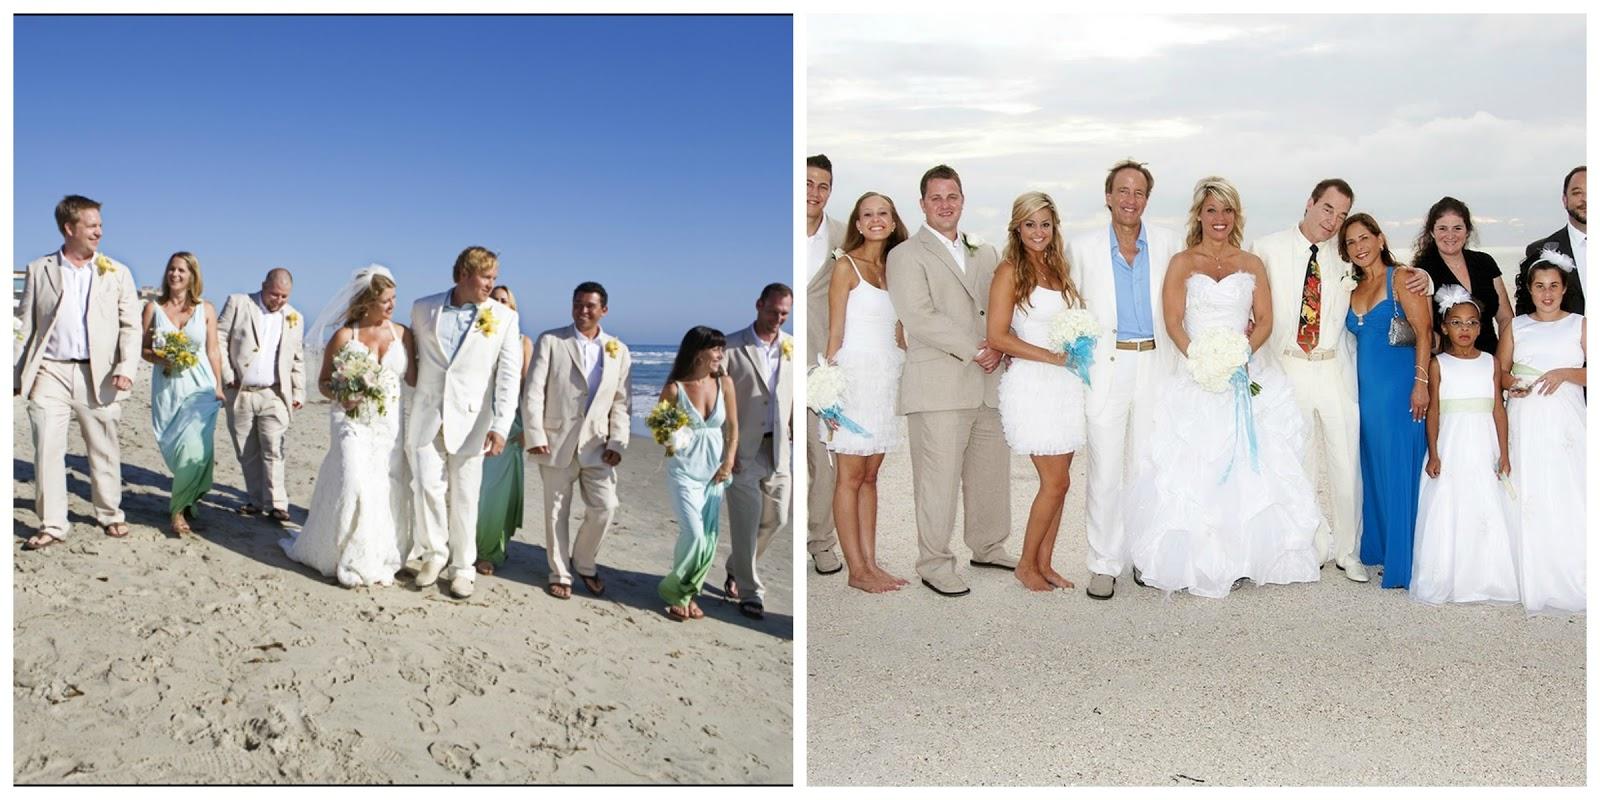 mcompany style  Cómo vestir en una boda en la playa b6fb7c00f3e